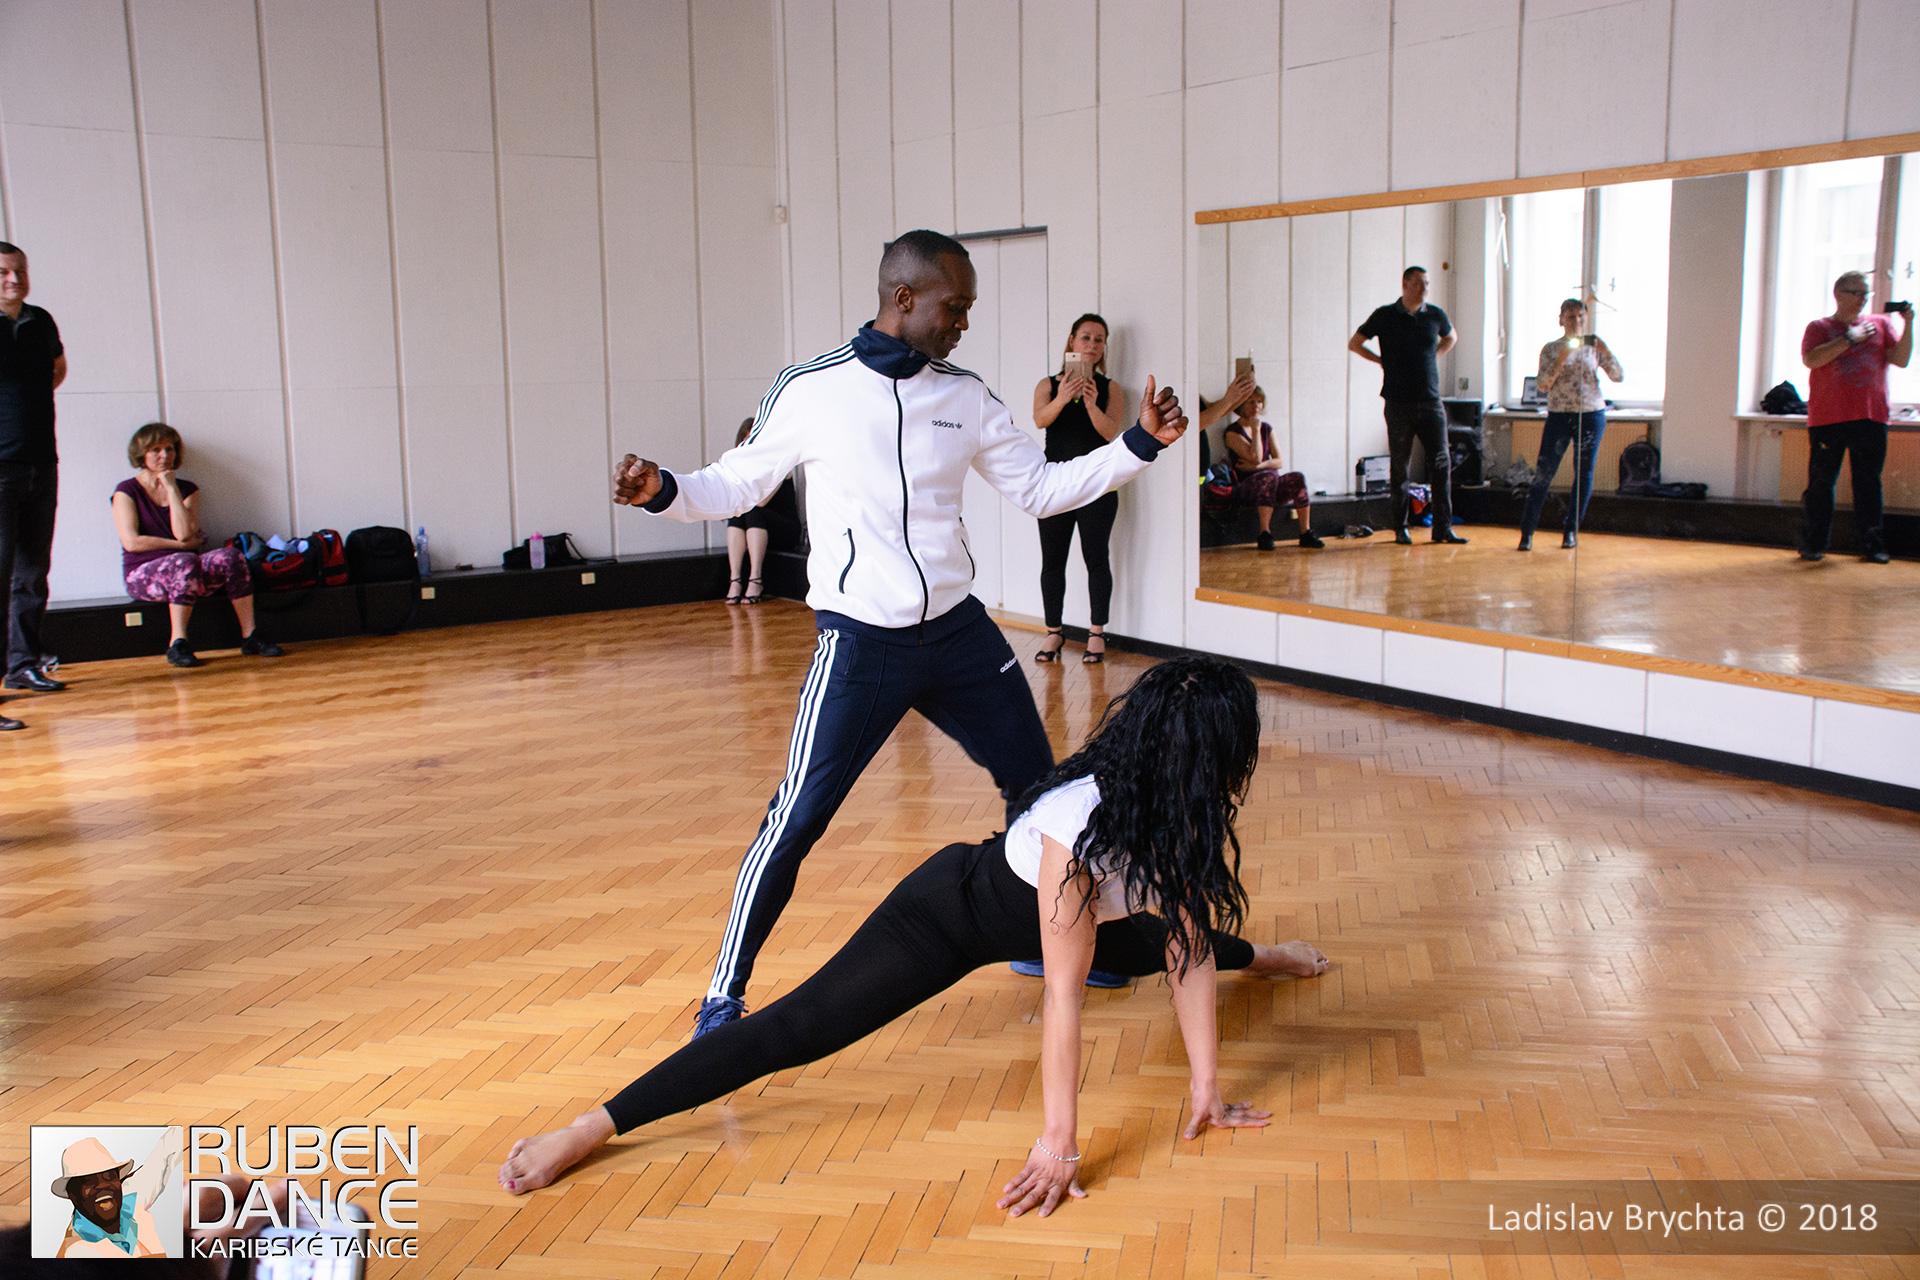 reggaeton ruben dance Caribbean dance courses prague